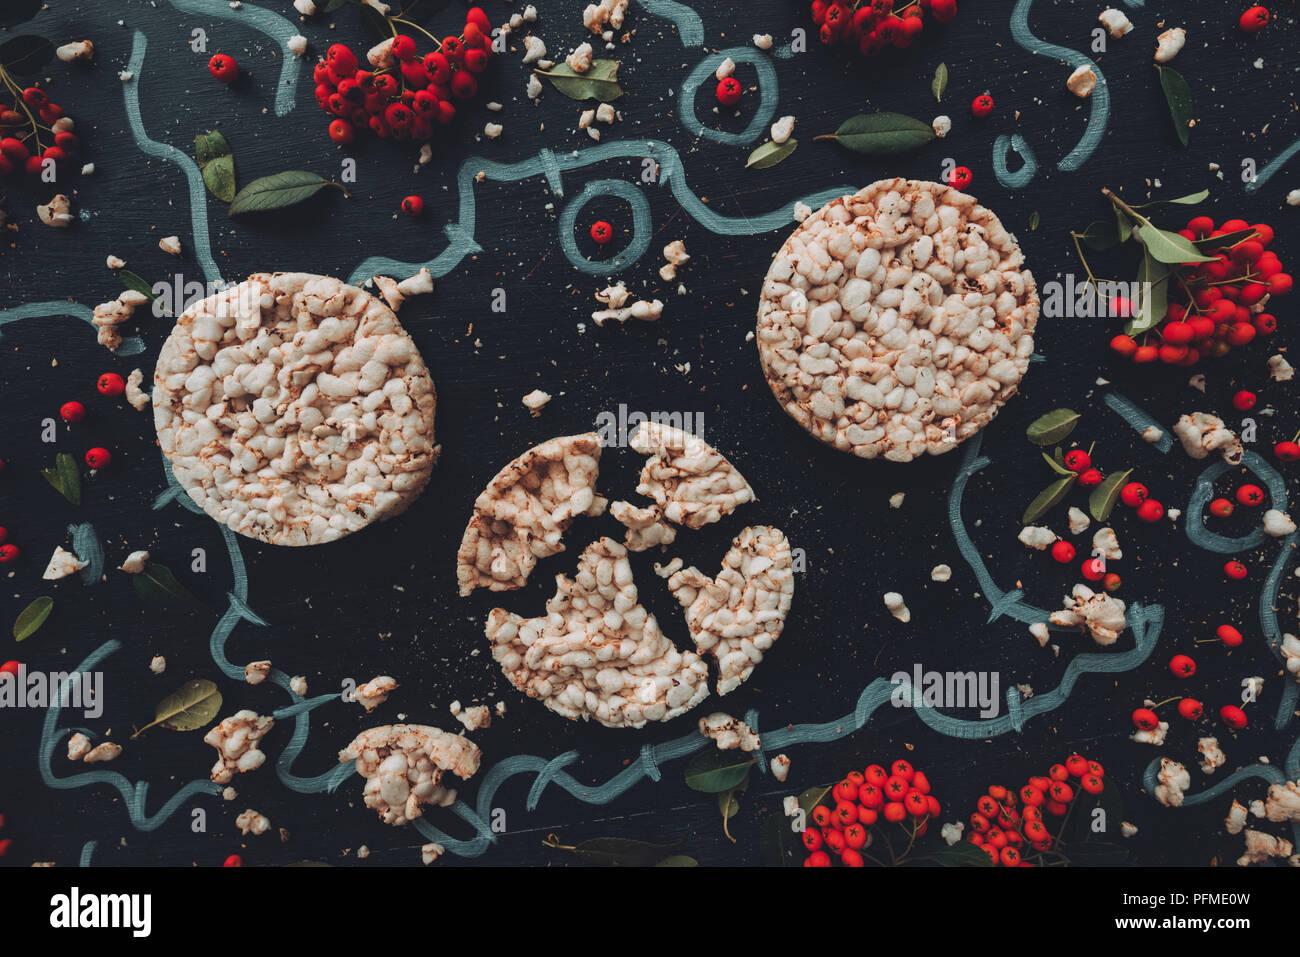 Flach knusperig Reis Kuchen auf dunklem Hintergrund mit Blumenschmuck Hintergrund, Overhead von Oben nach Unten anzeigen Stockbild